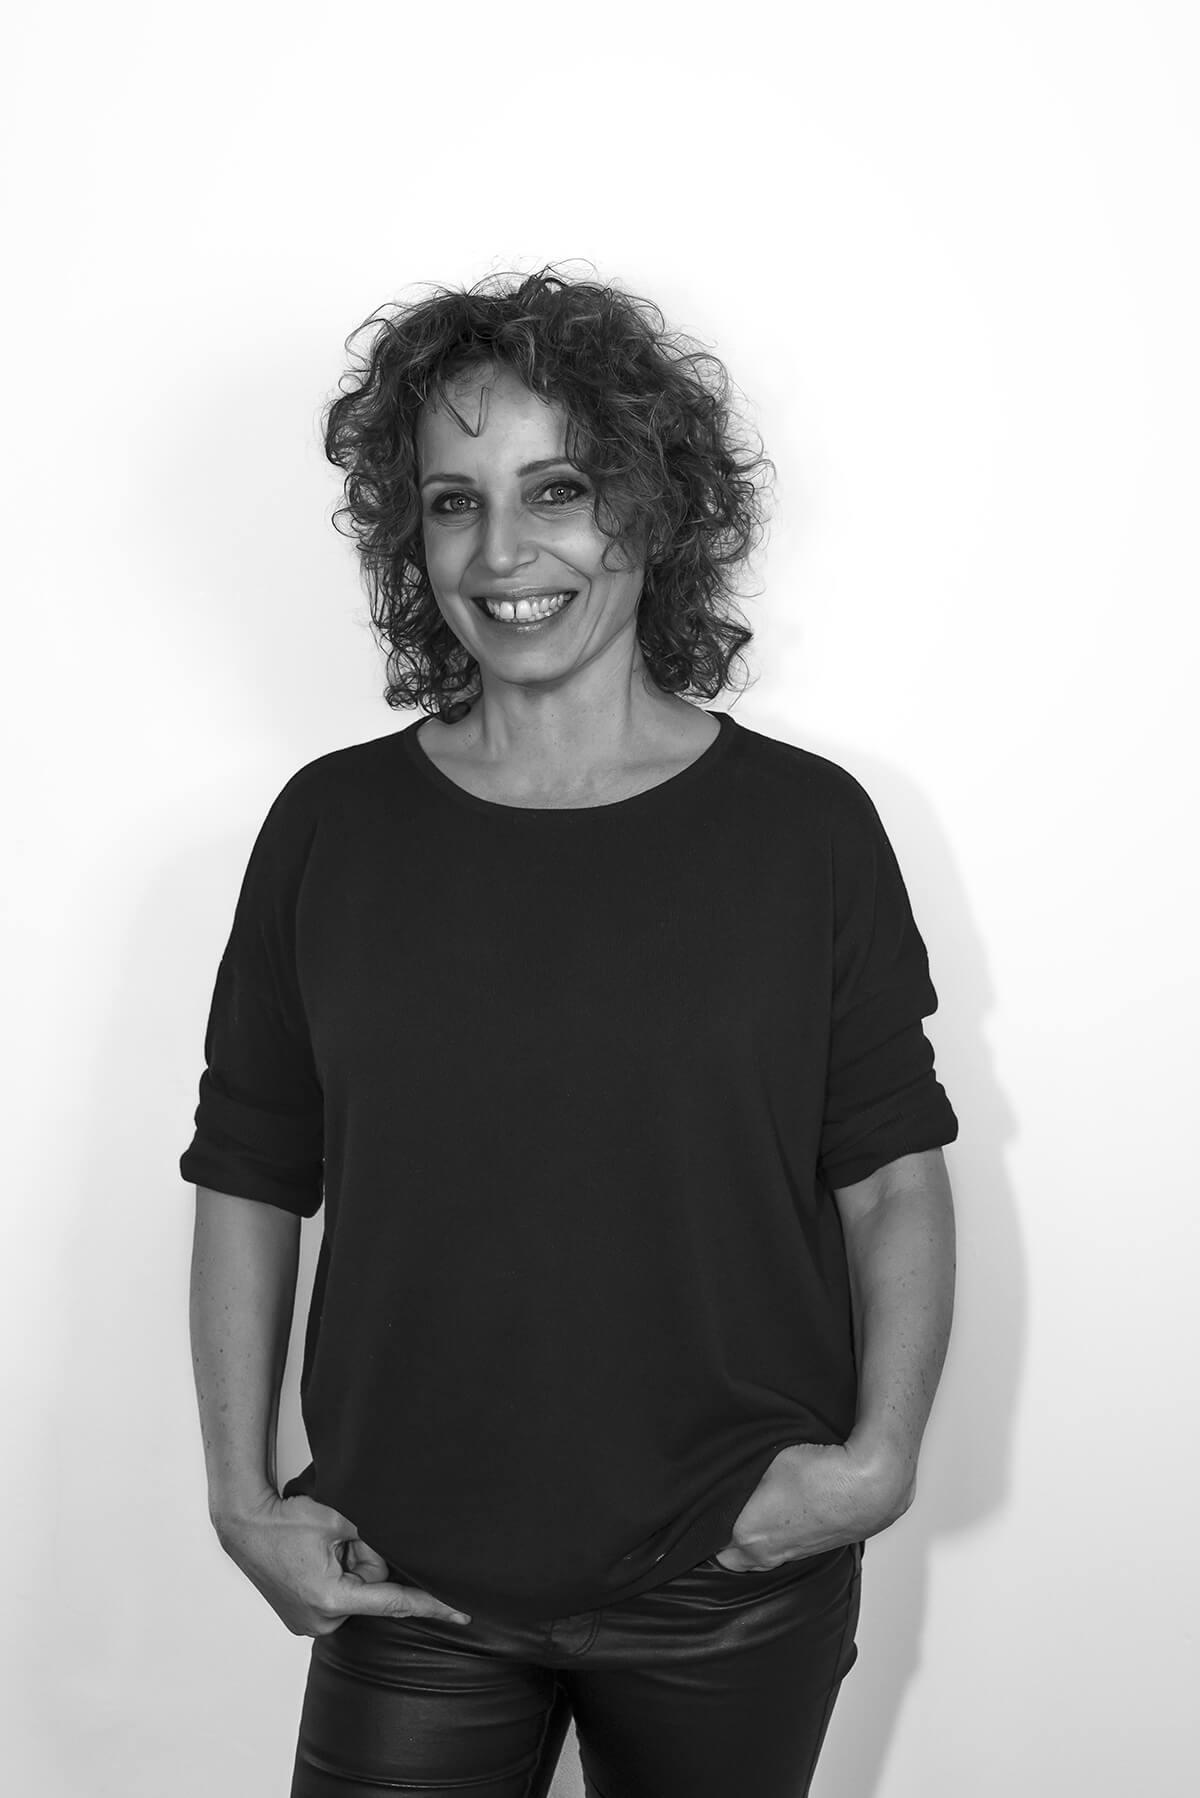 Ilse Schuurmans | ietsmethaar | NTWRKPLK is hét vrouwennetwerk in Amersfoort voor ambitieuze vrouwen